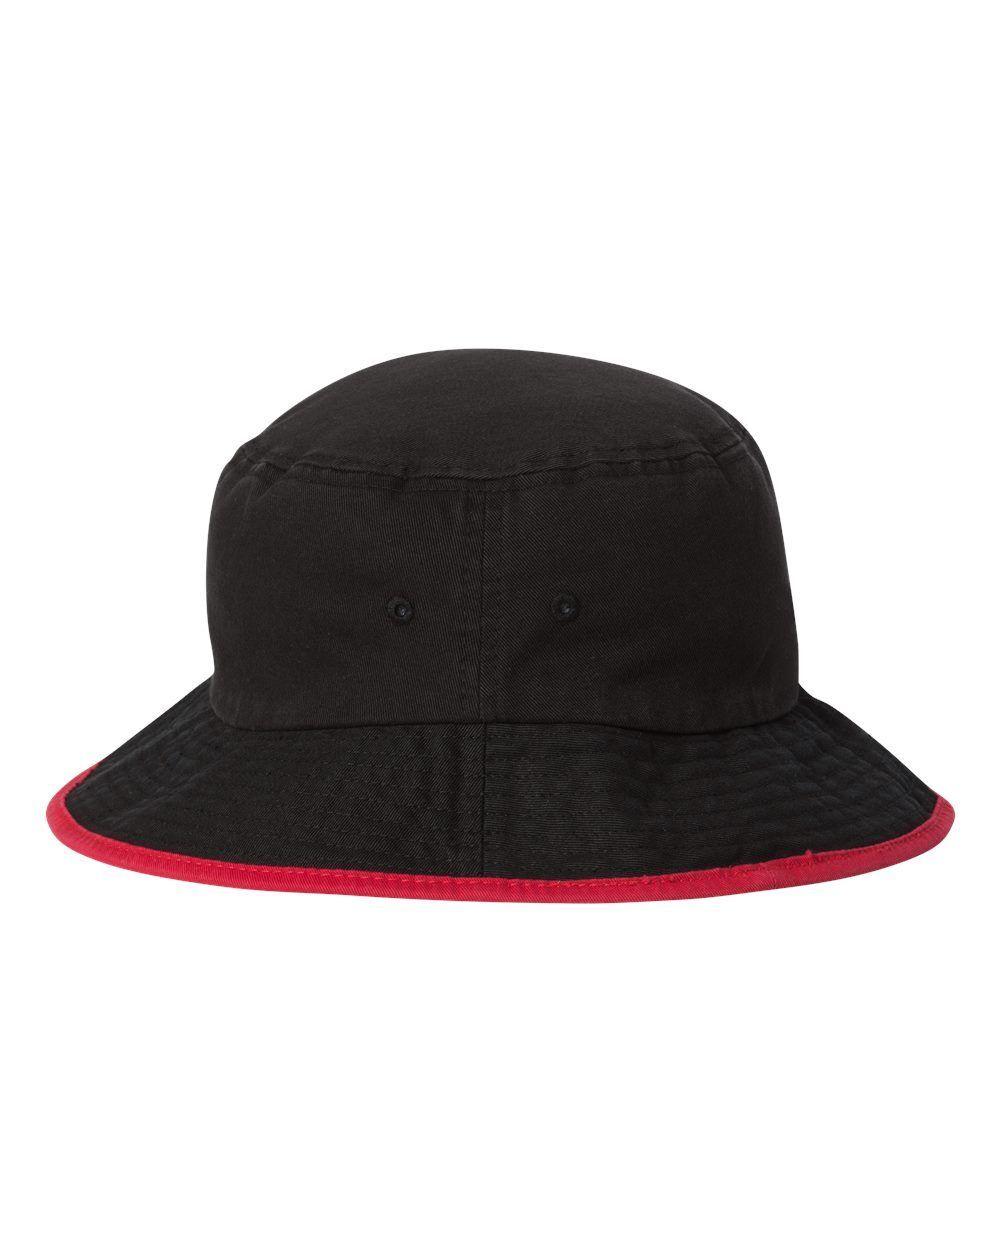 e0eae3433b1 Sportsman Boonie Bucket Cap